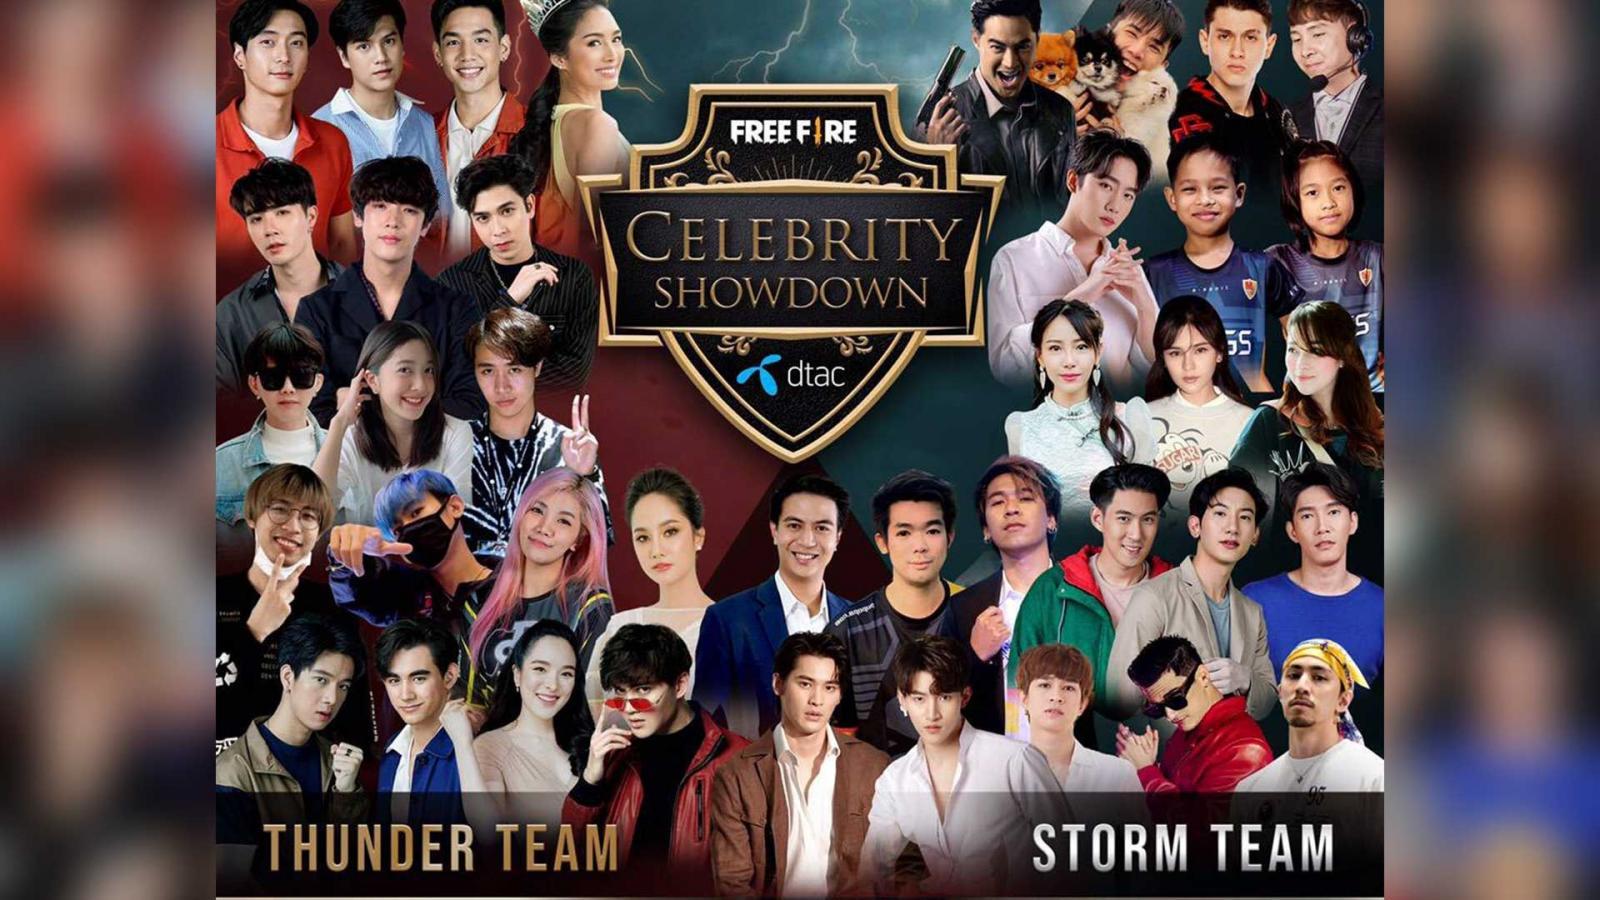 ปรากฏการณ์คนดัง สะเทือนไปทั่วฟ้าเมืองไทยใน Free Fire Celebrity Showdown